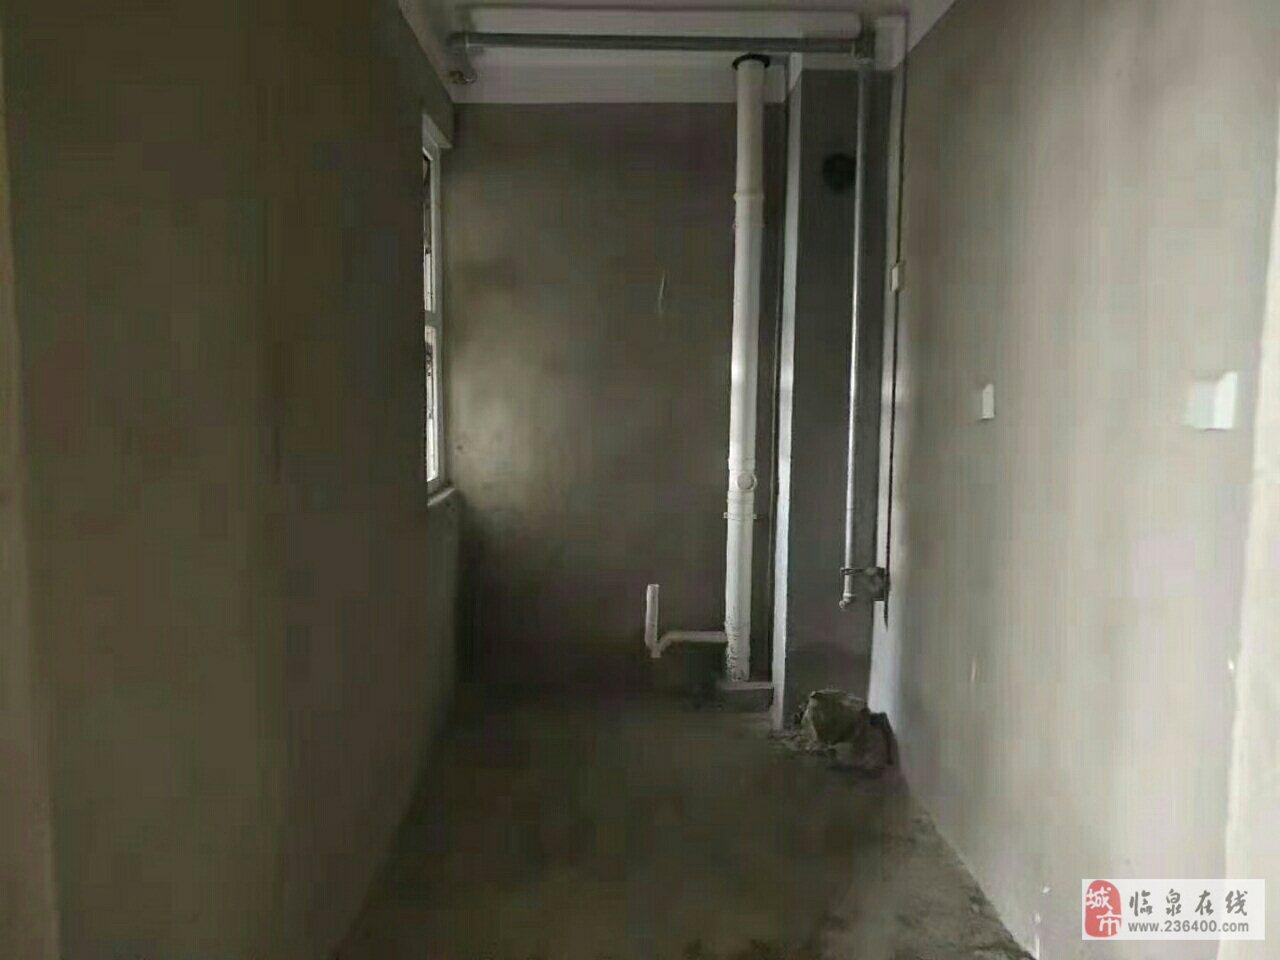 中泰锦城3楼毛坯+黄金位置+证2年,免税72万